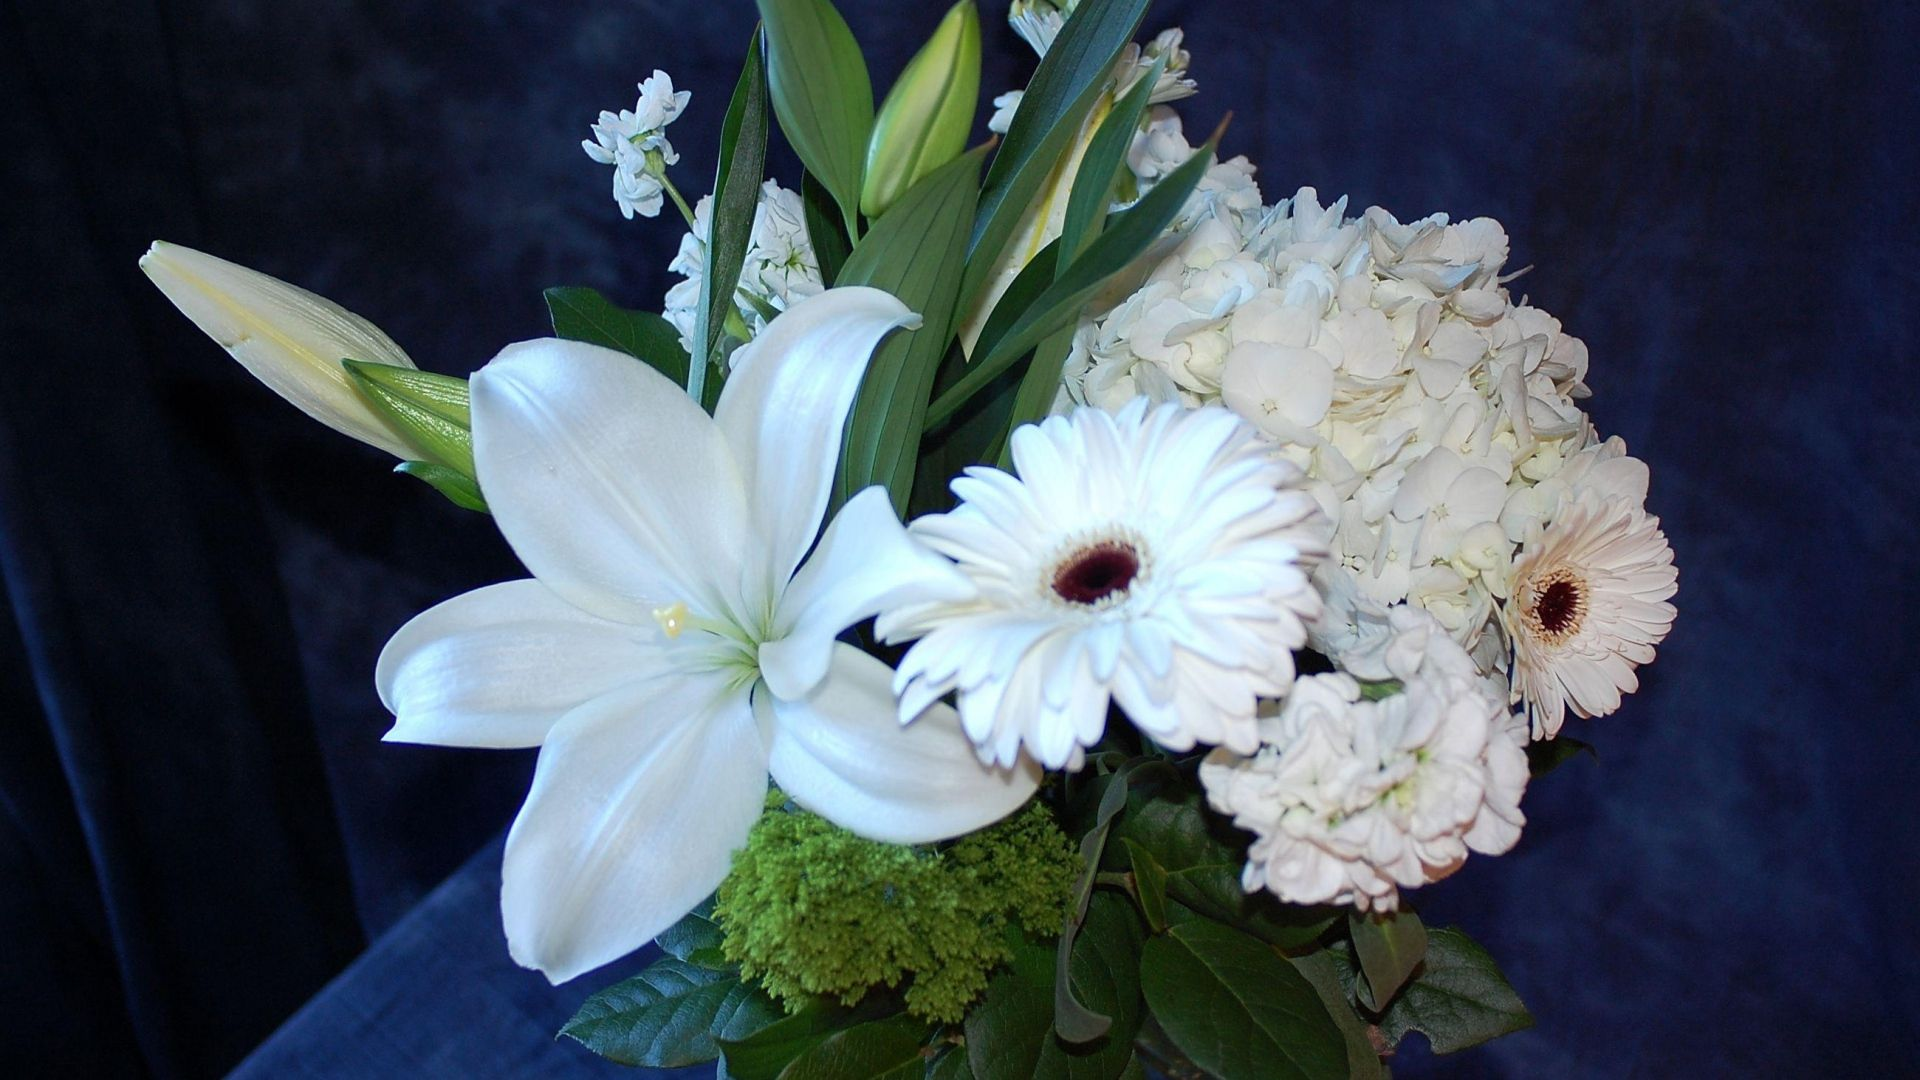 gerberas, lilies, hydrangeas - http://www.wallpapers4u.org/gerberas-lilies-hydrangeas/